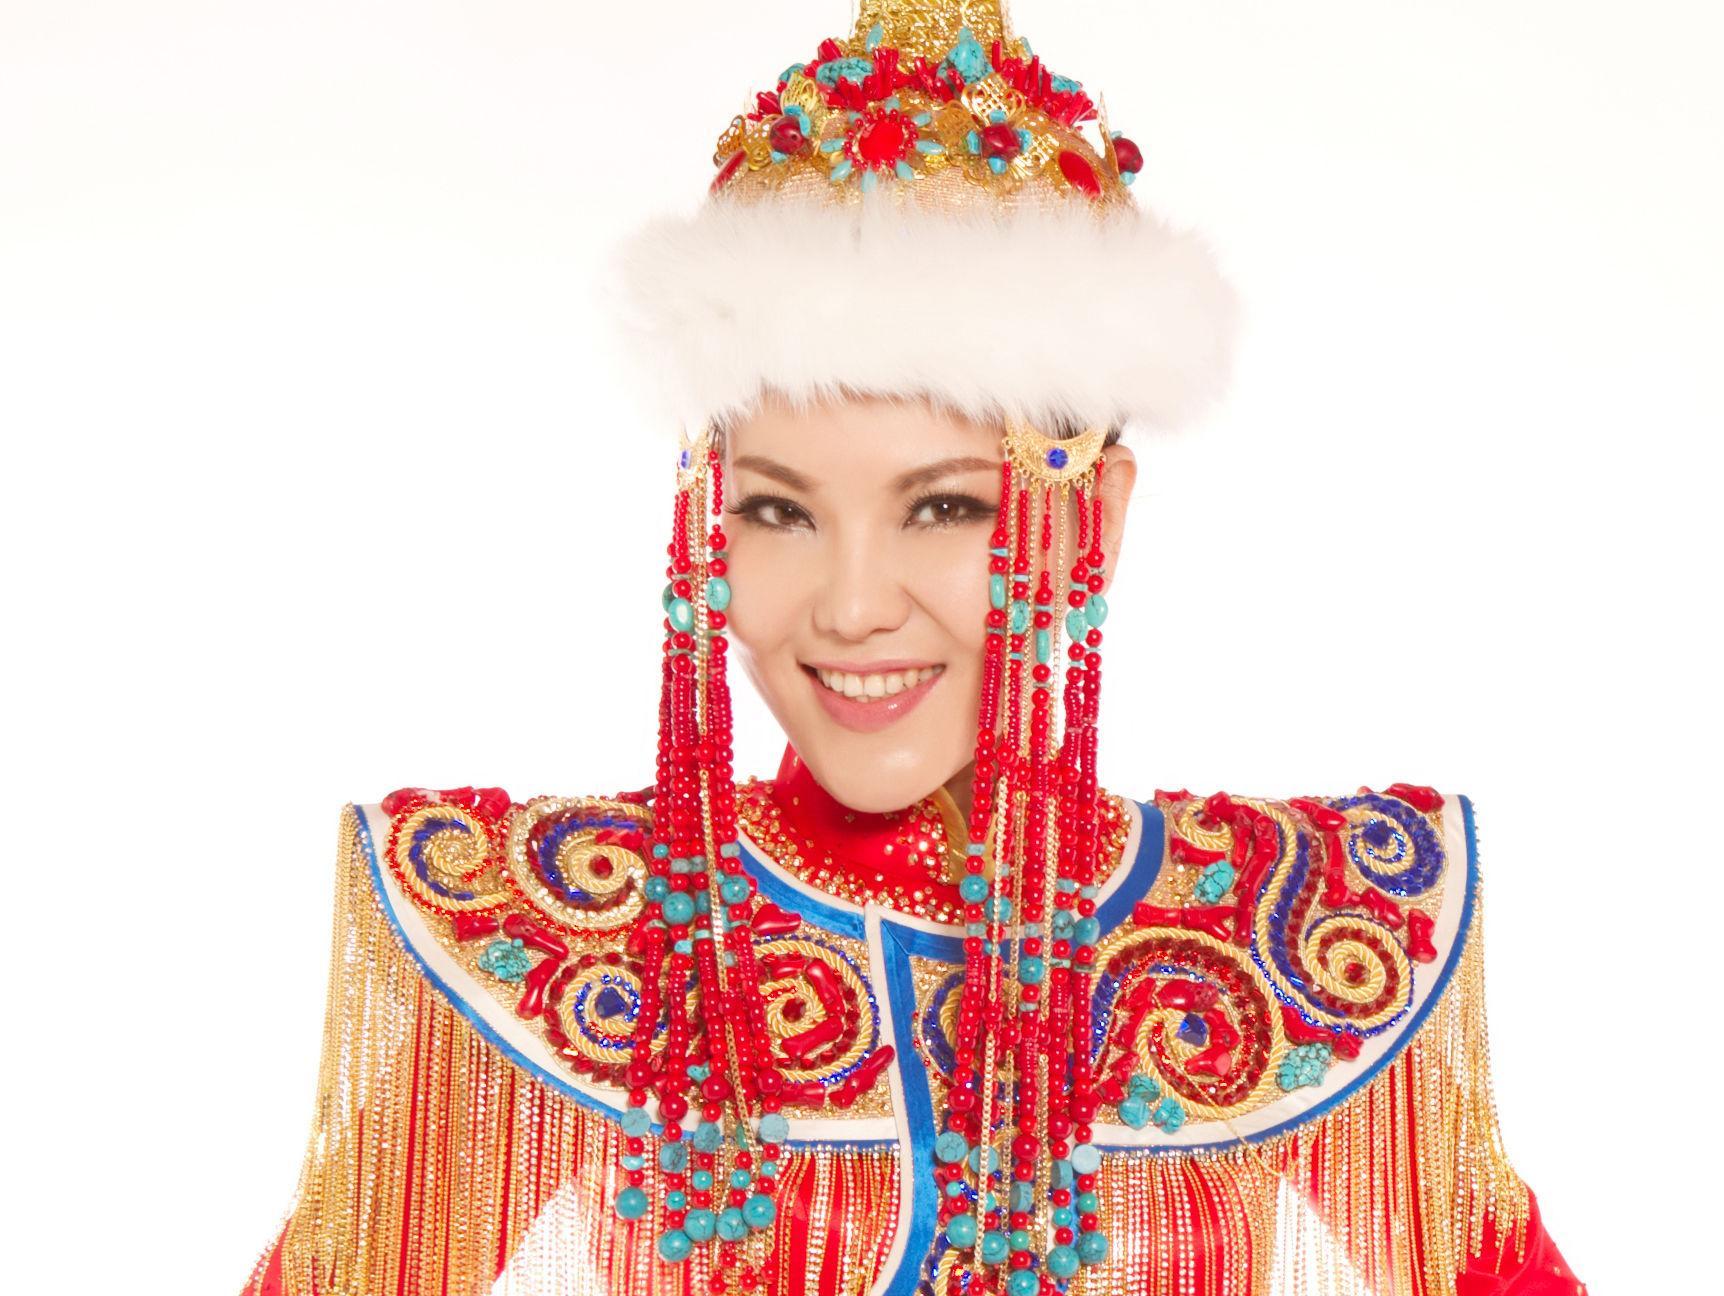 2016年6月5日乌兰图雅北京演唱会圆满落幕,拉开了乌兰图雅《站在草原望北京》花开四季演唱会全国巡演的序幕。透露,据官方消息:乌兰图雅花开四季专场演唱会将于9月至11月连唱十场,同时从乌兰图雅朋友圈曝光了一批助演嘉宾和照片,他们分别是: